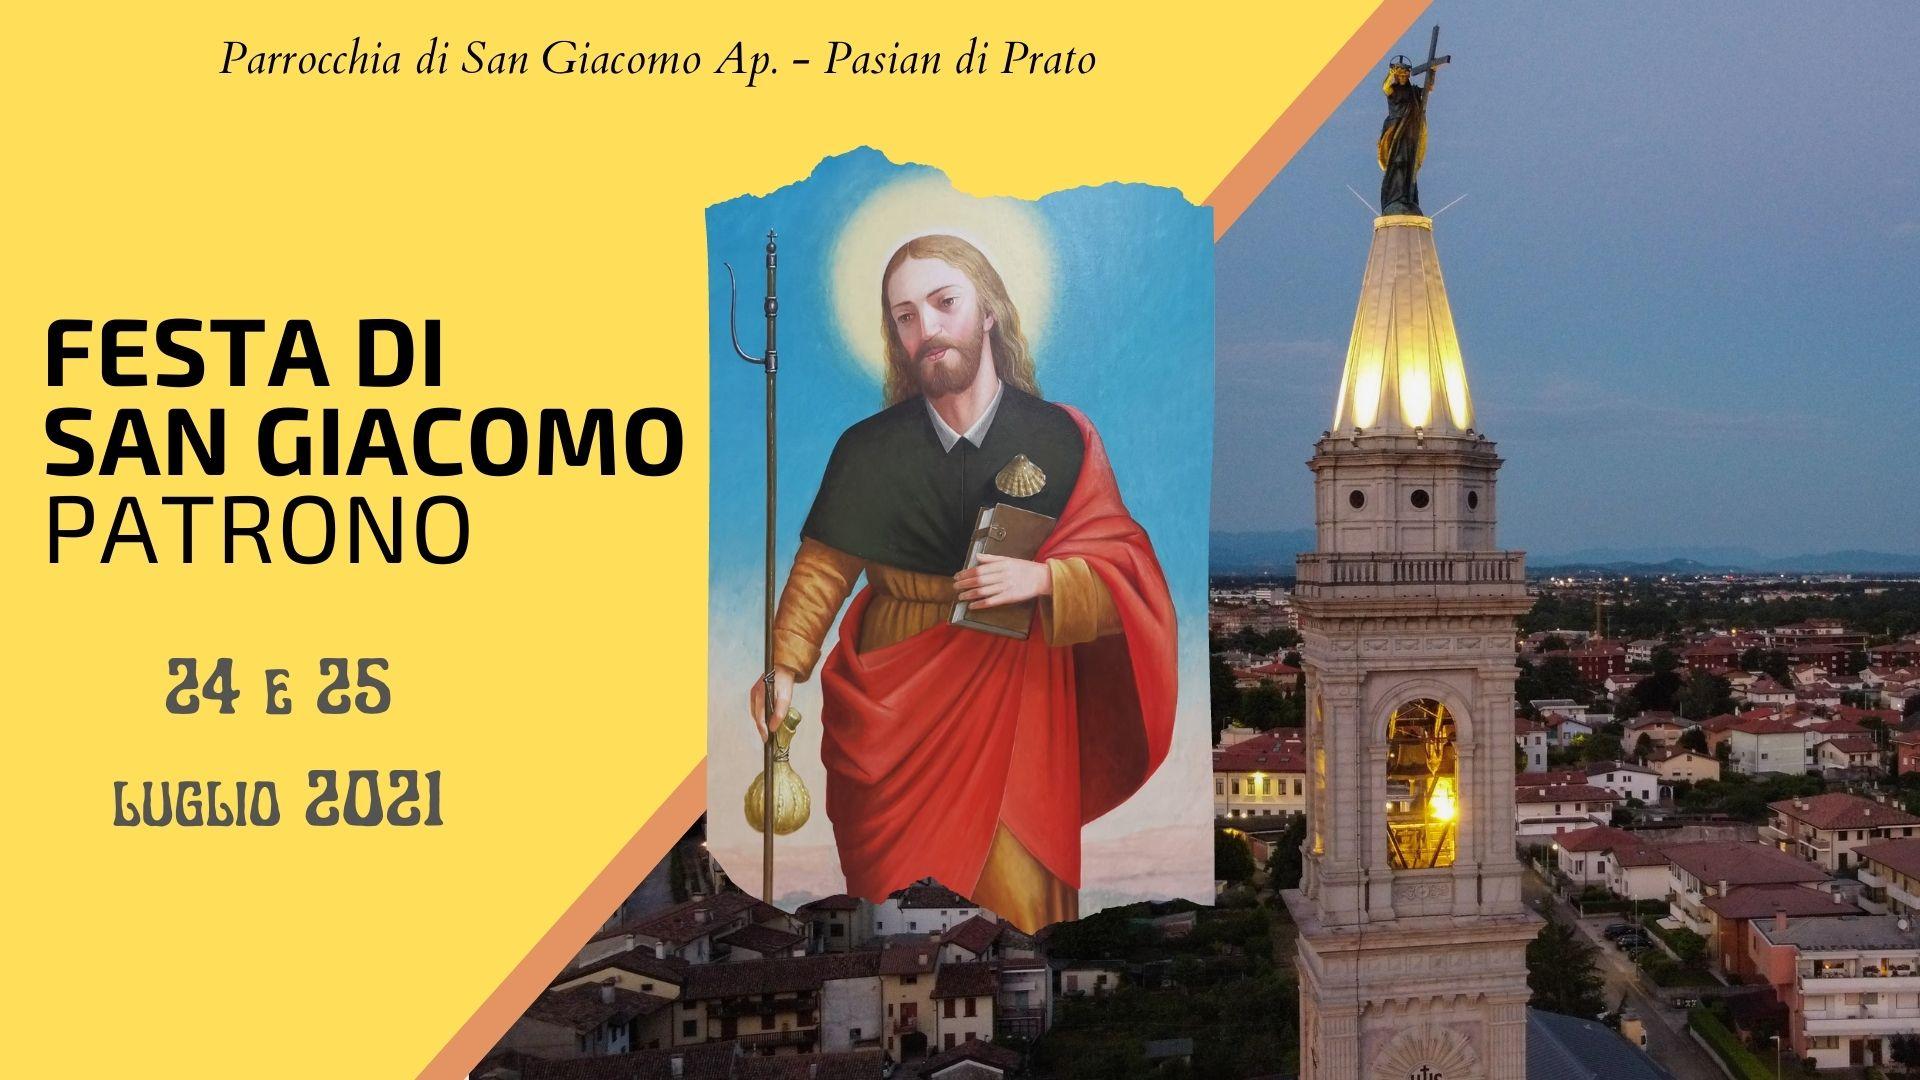 FESTA DI SAN GIACOMO PATRONO